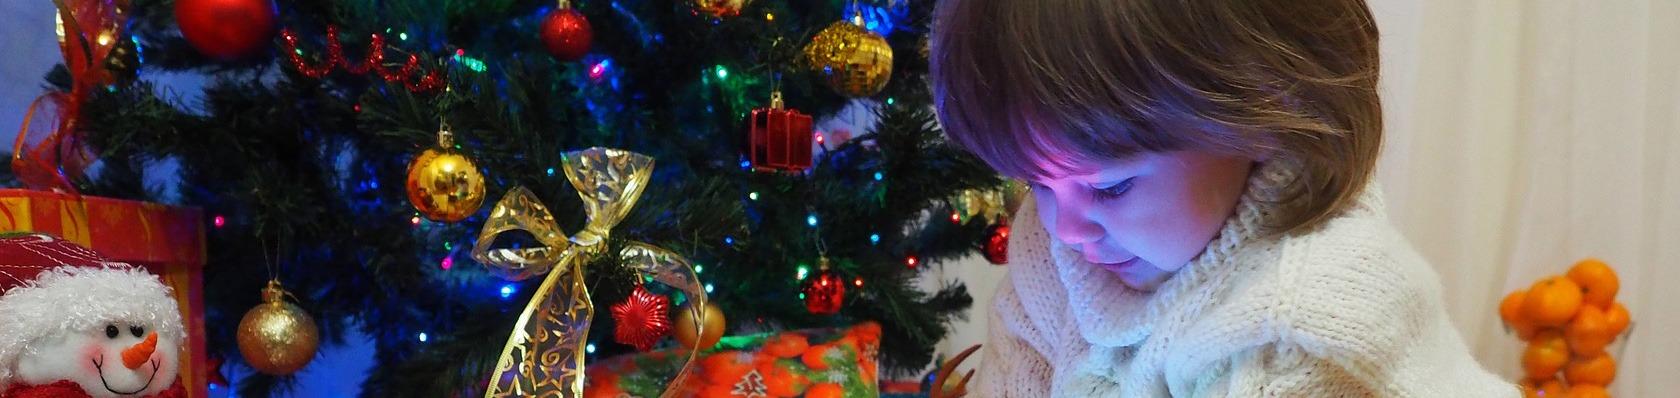 künstlichen Weihnachtsbäume im Test auf ExpertenTesten.de